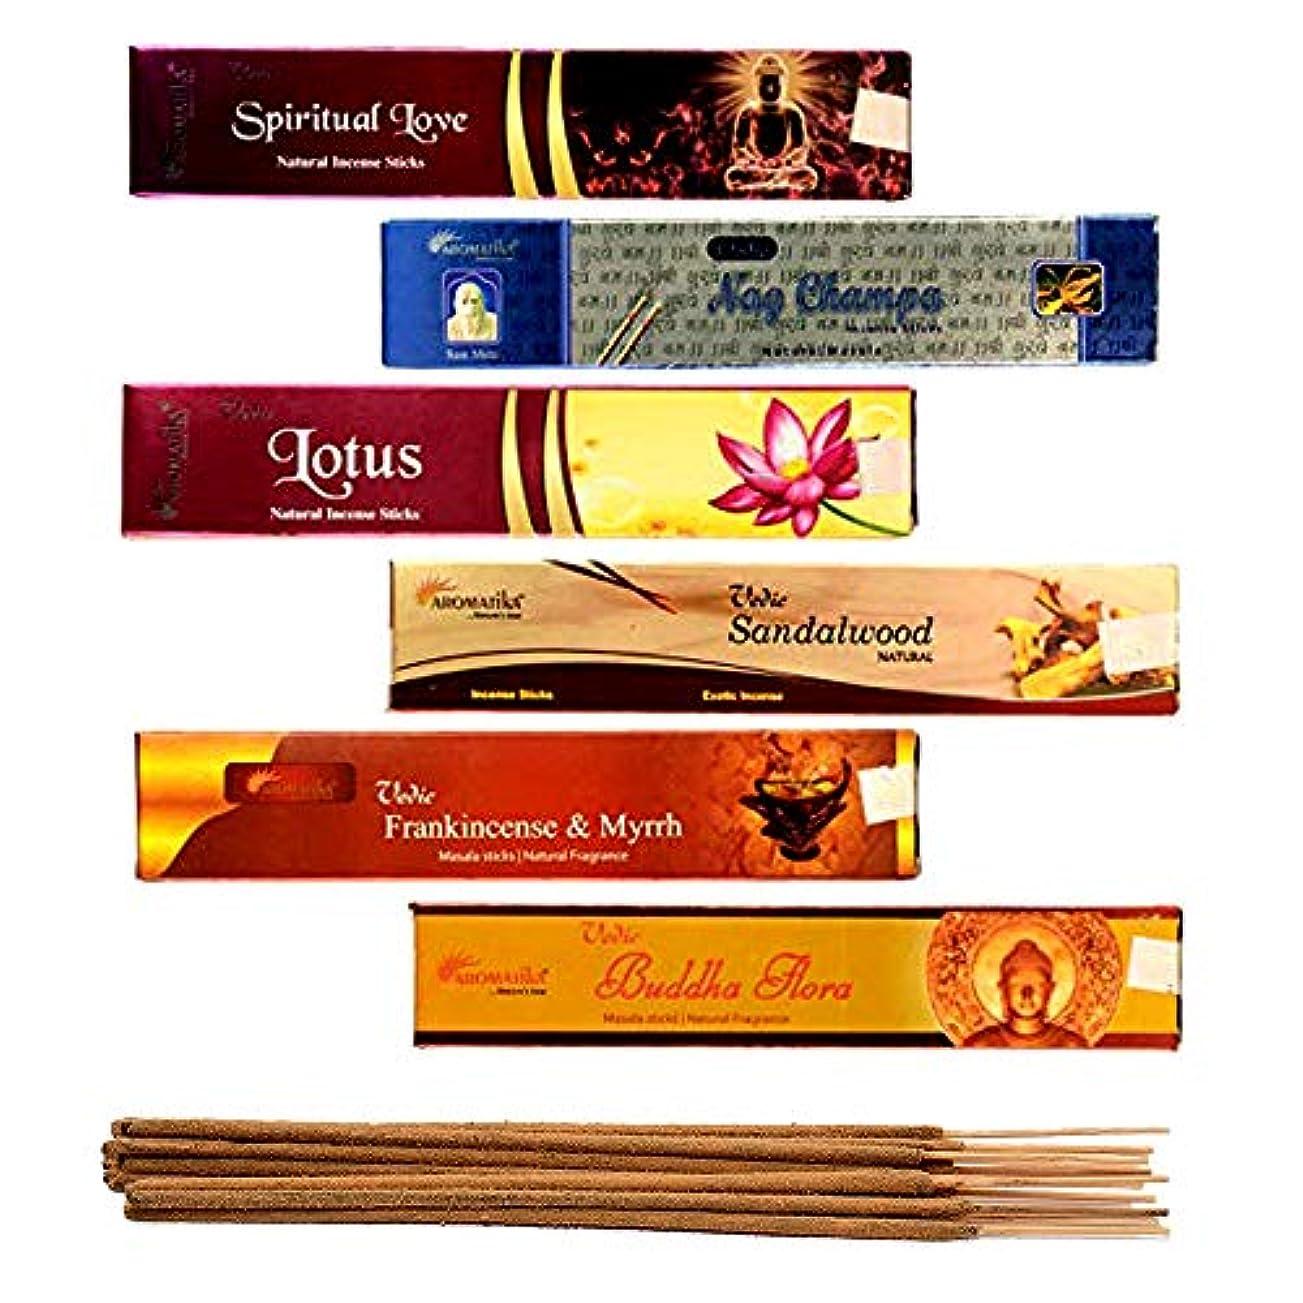 猛烈な外部多様体aromatika 6 Assorted Masala Incense Sticks Vedic Nag Champa、サンダルウッド、ブッダFlora、ロータス、Frankincense & Myrrh、Spiritual Love WithメタルIncense Stick Holder